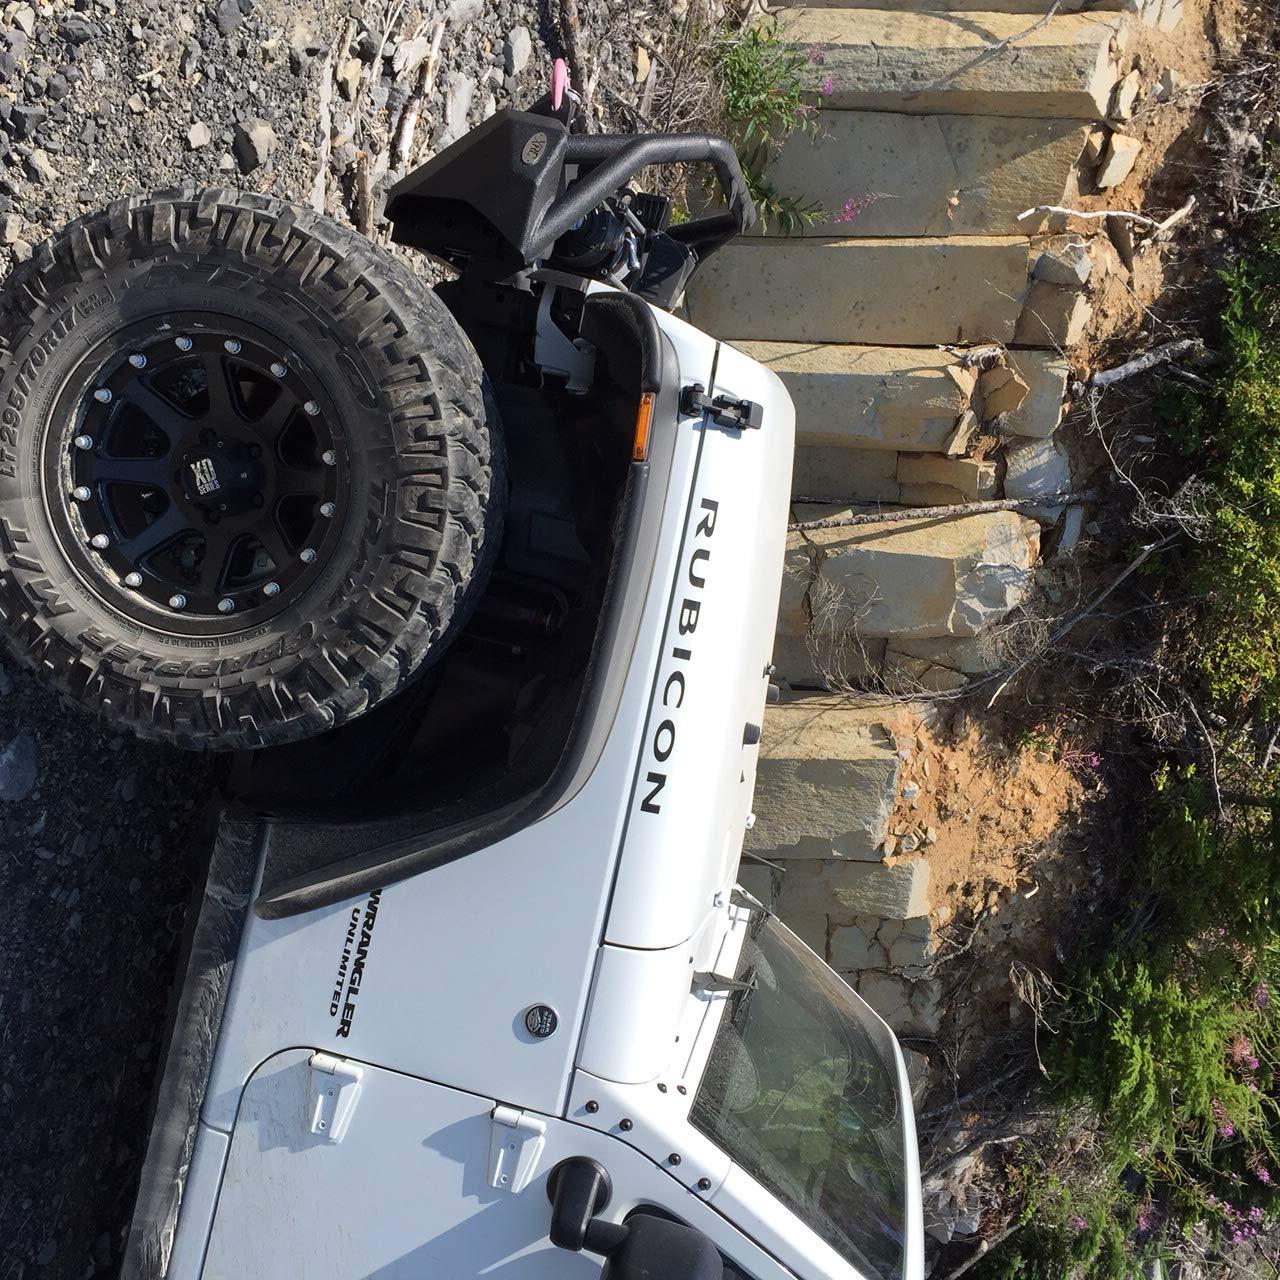 Sahara /& Sport models gas or diesel engines Truxxx 601012-2.5 lift kit fits 2007-2018 Jeep Wrangler JK 2 door /& 4 door ~ Rubicon